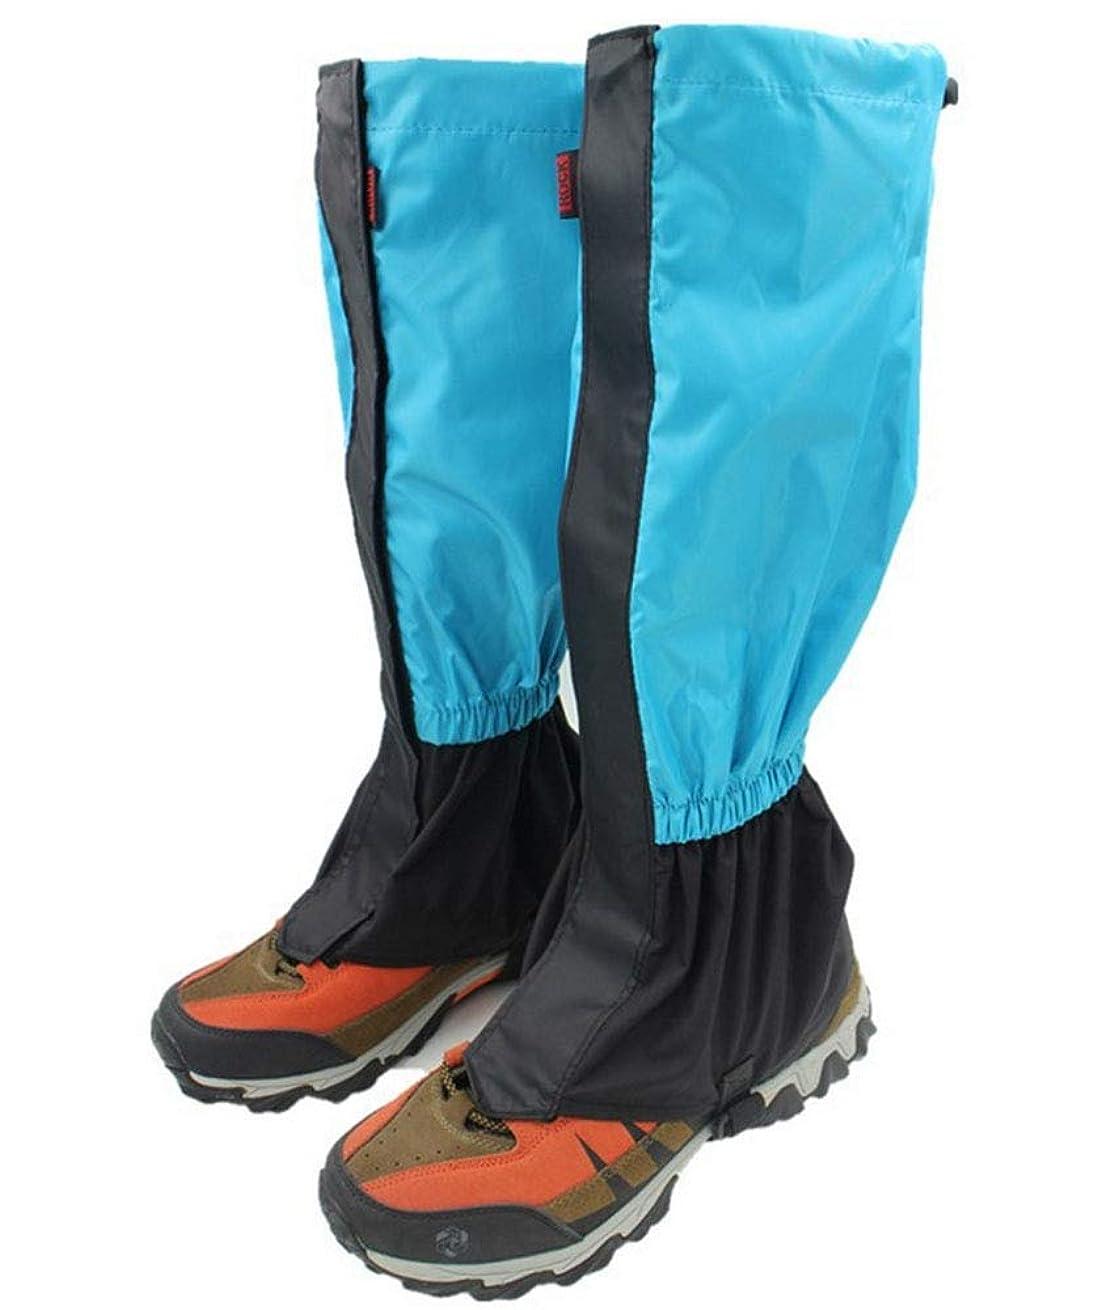 の中で是正耕すLuckerjun 登山ゲイター ロングスパッツ トレッキング クライミング ハイキング 防水 泥除け レッグカバー 雨よけ 雪対策 登山スパッツ アウトドア 男女兼用